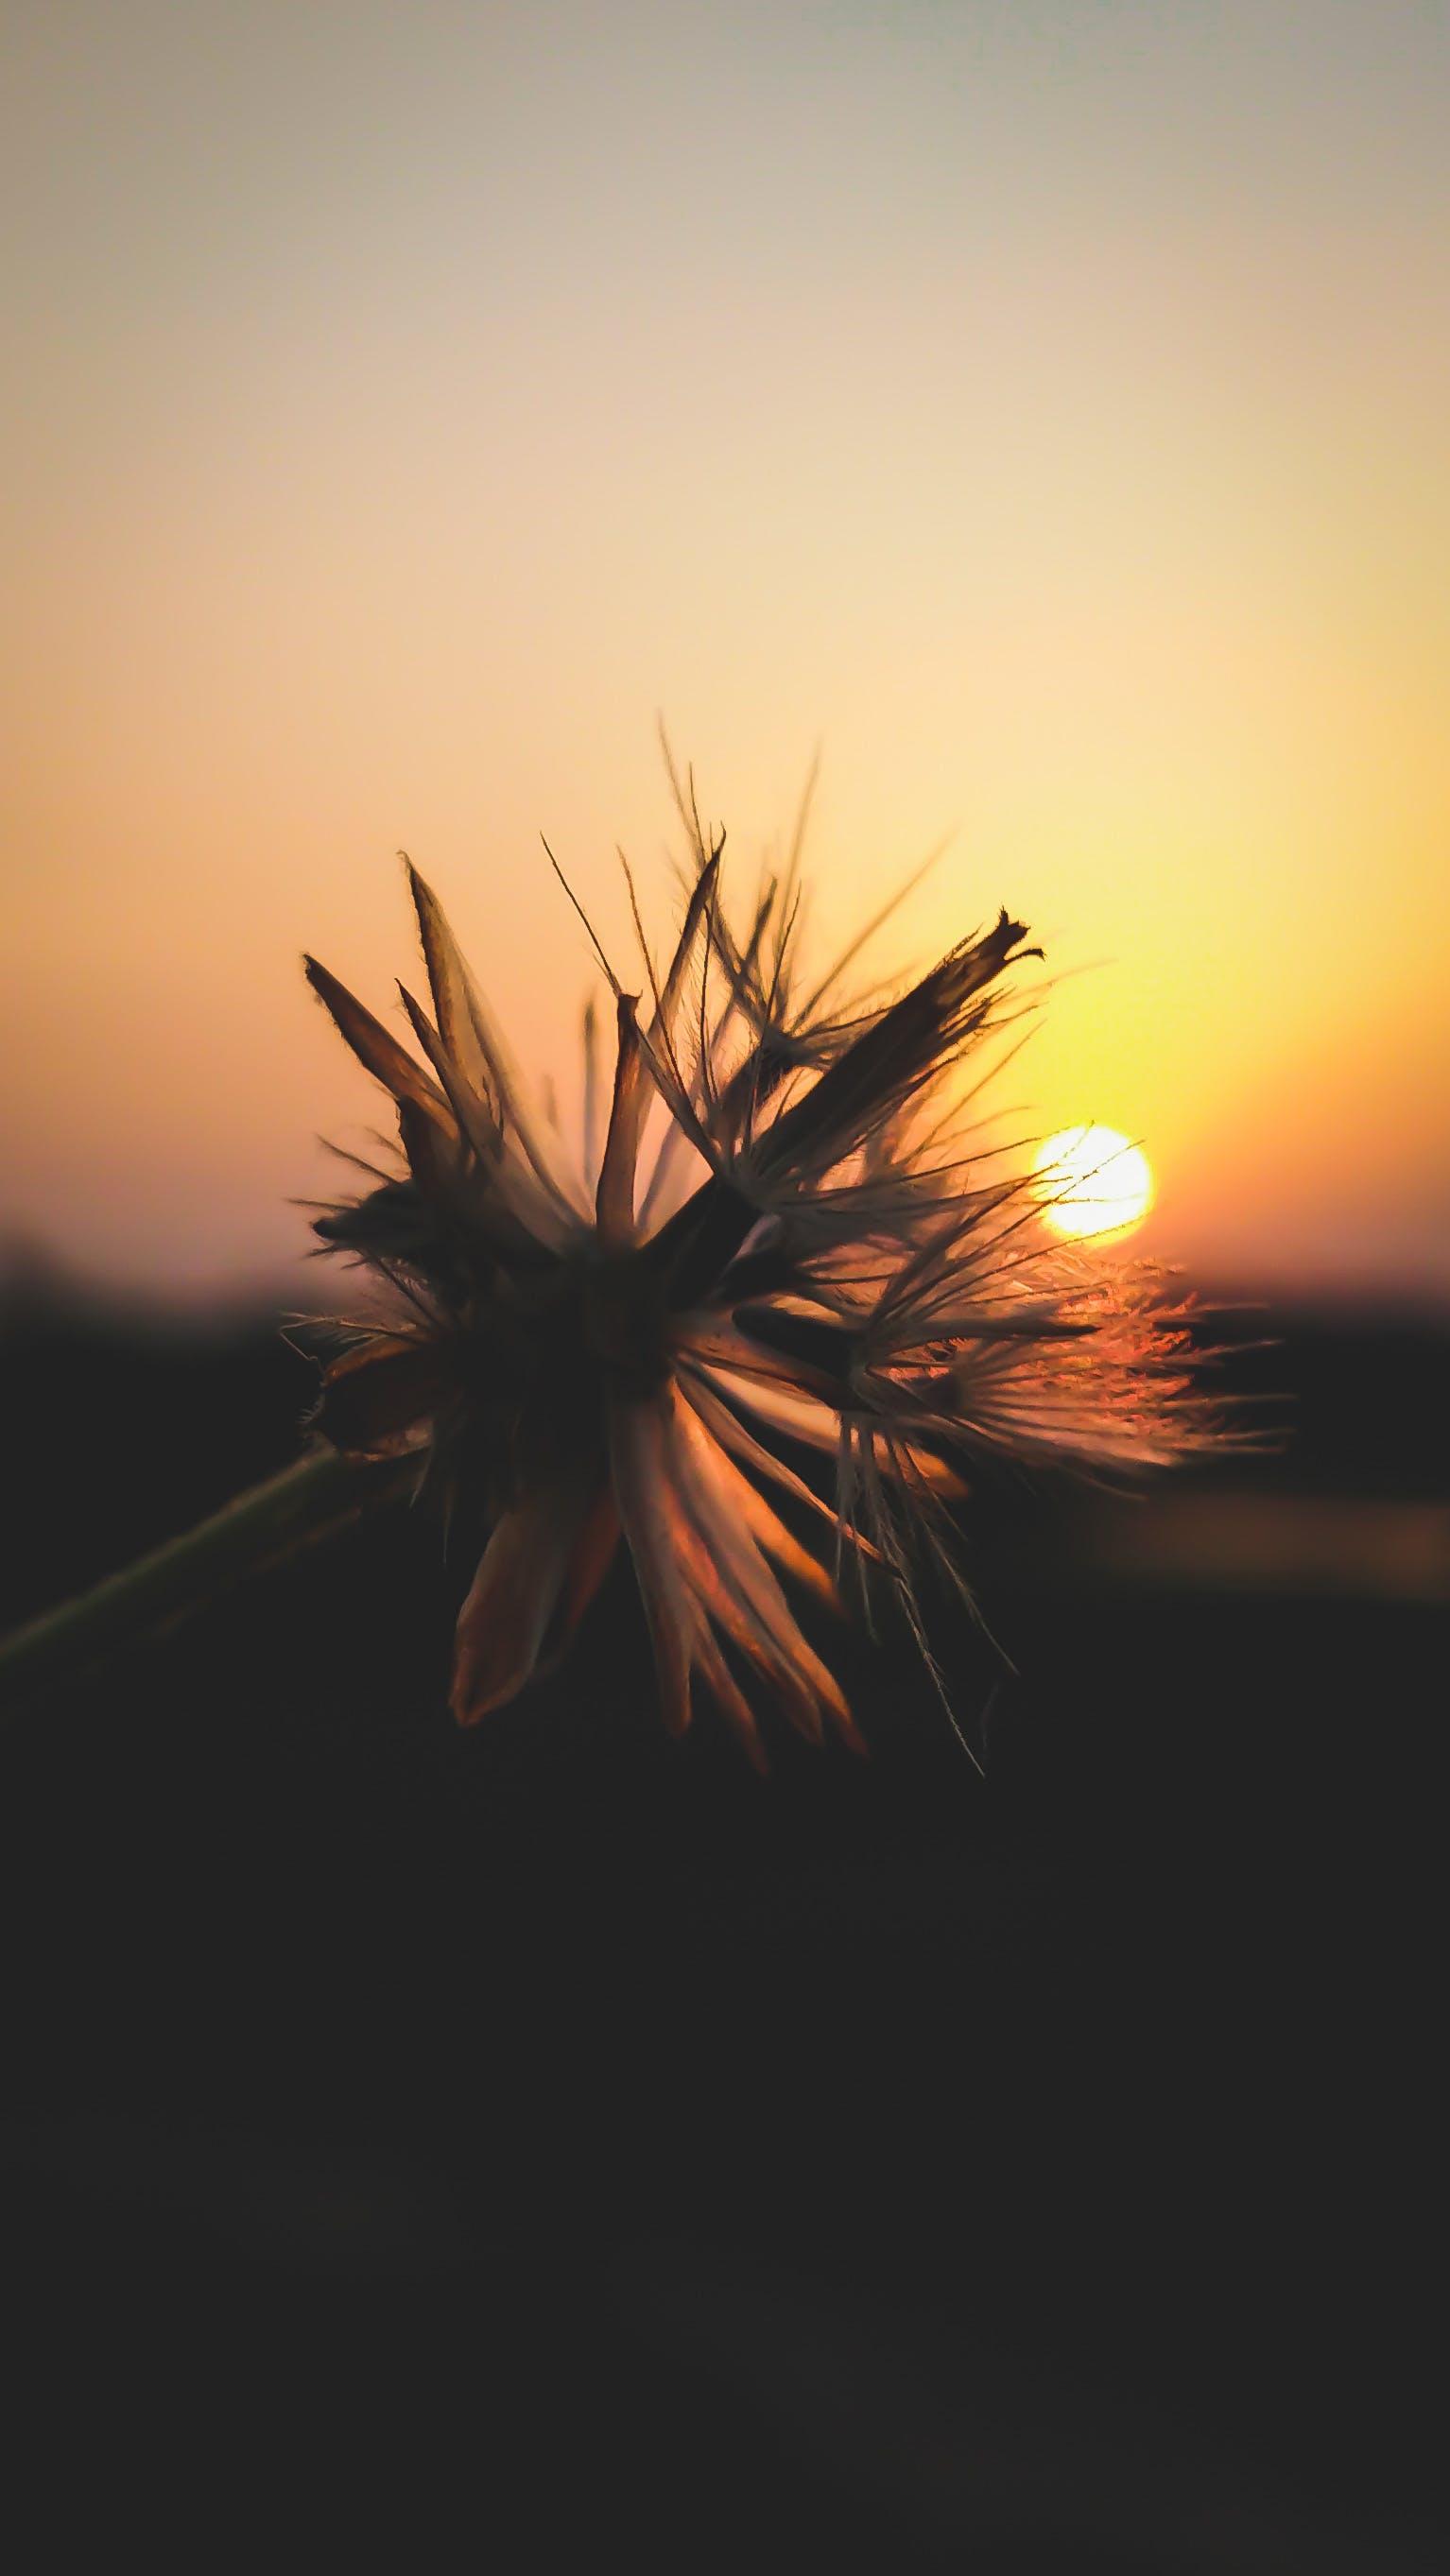 Δωρεάν στοκ φωτογραφιών με macro, Ανατολή ηλίου, απογευματινός ήλιος, δύση του ηλίου